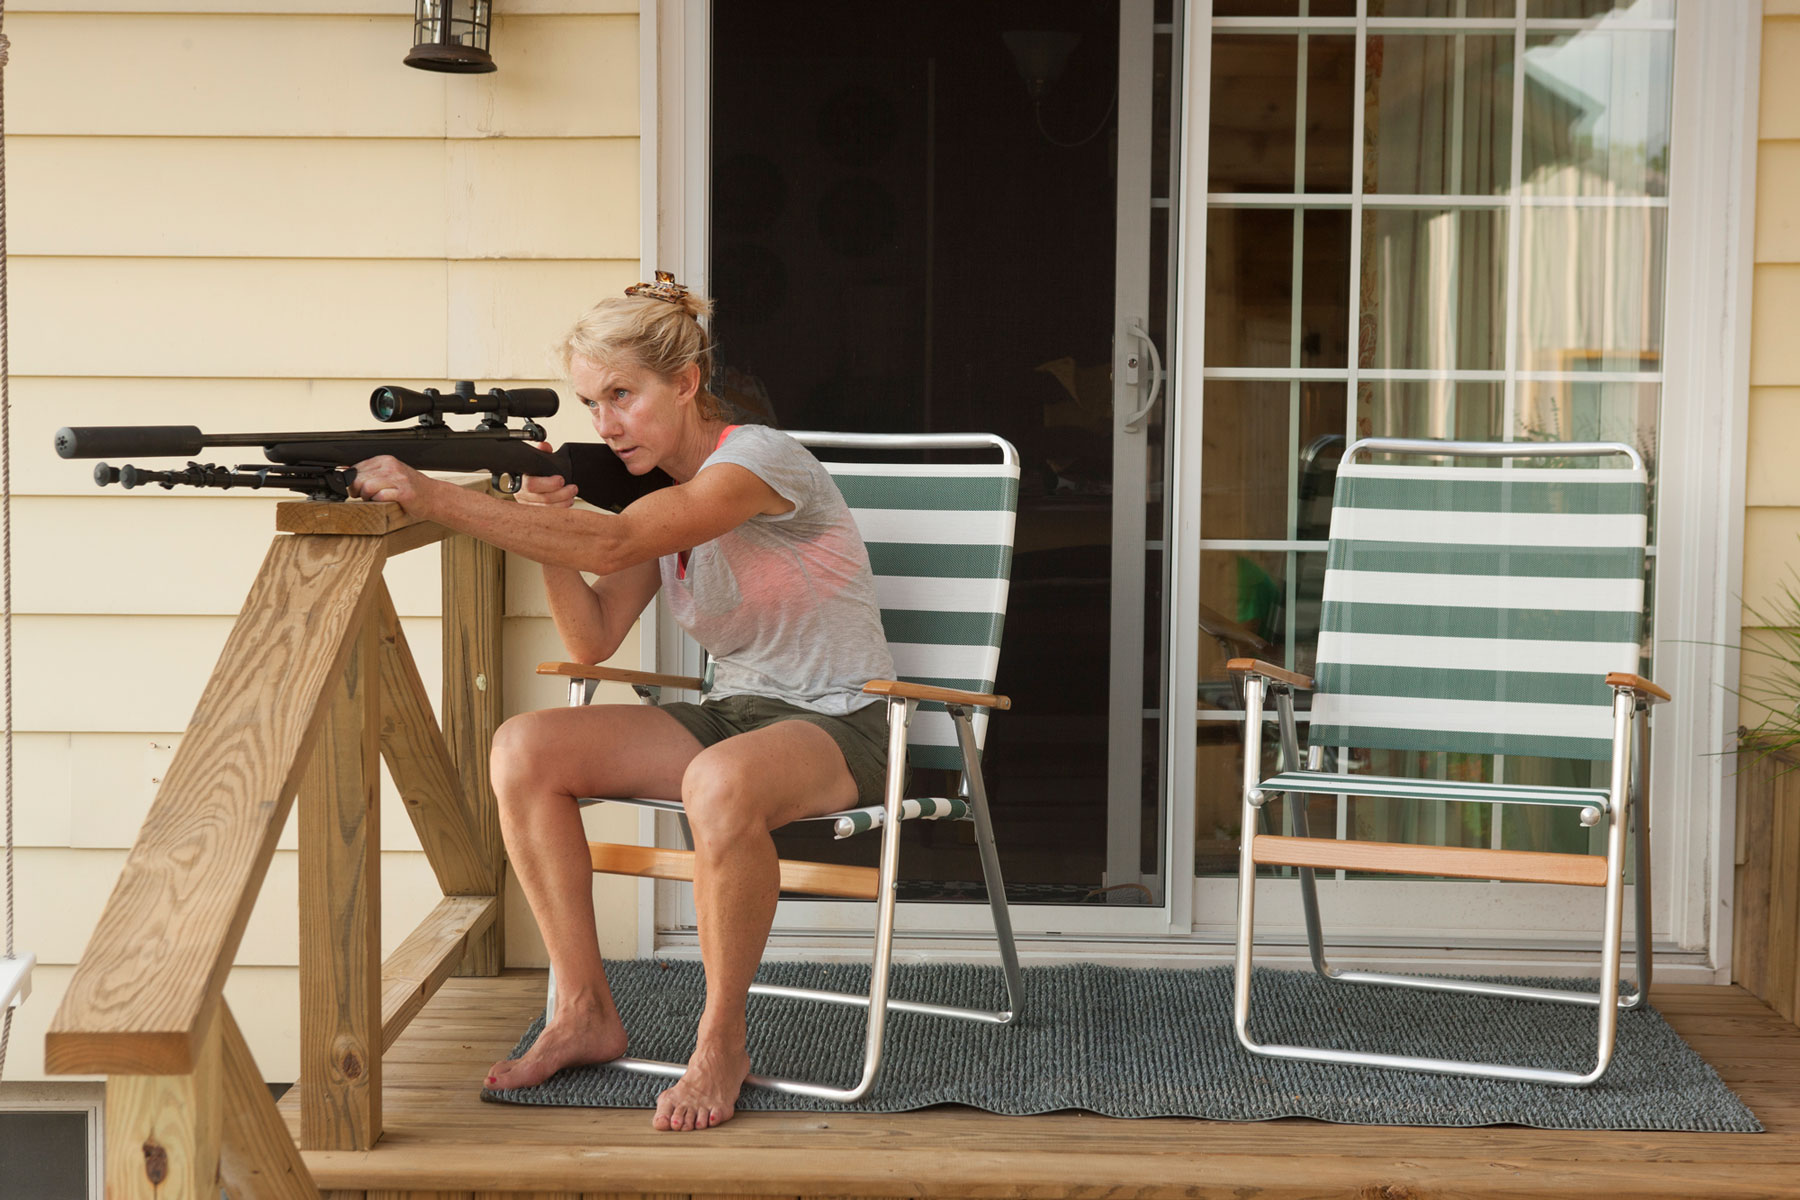 Woman_Shooting_Gun_George_Lange_Lifestyle.jpg